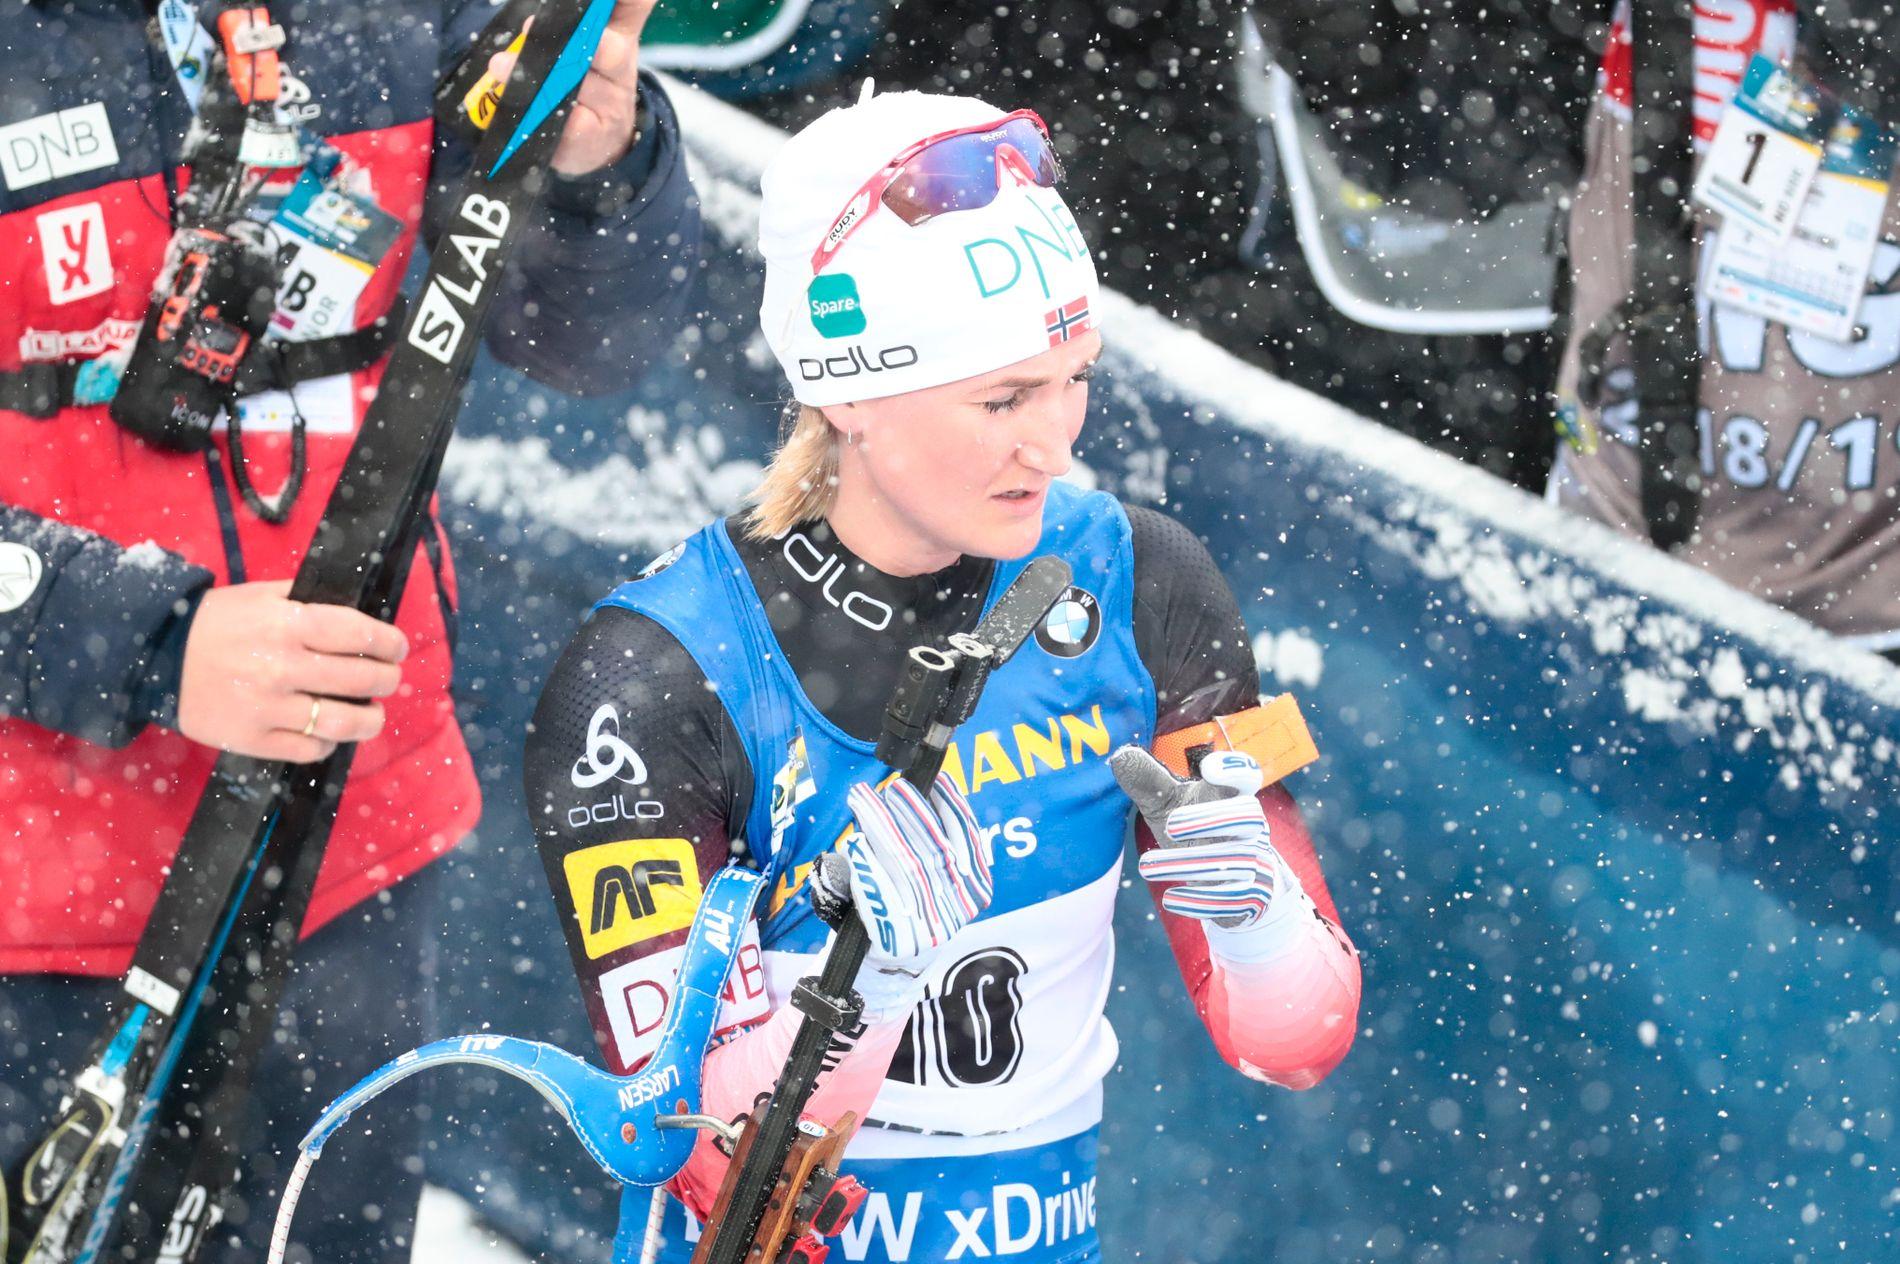 Marte Olsbu Røiseland var skuffet etter å ha skuslet bort sin siste mulighet til å ta individuell medalje i VM. Men til slutt måtte hun innrømme at det var stas å reise fra VM-byen med tre stafettgull.